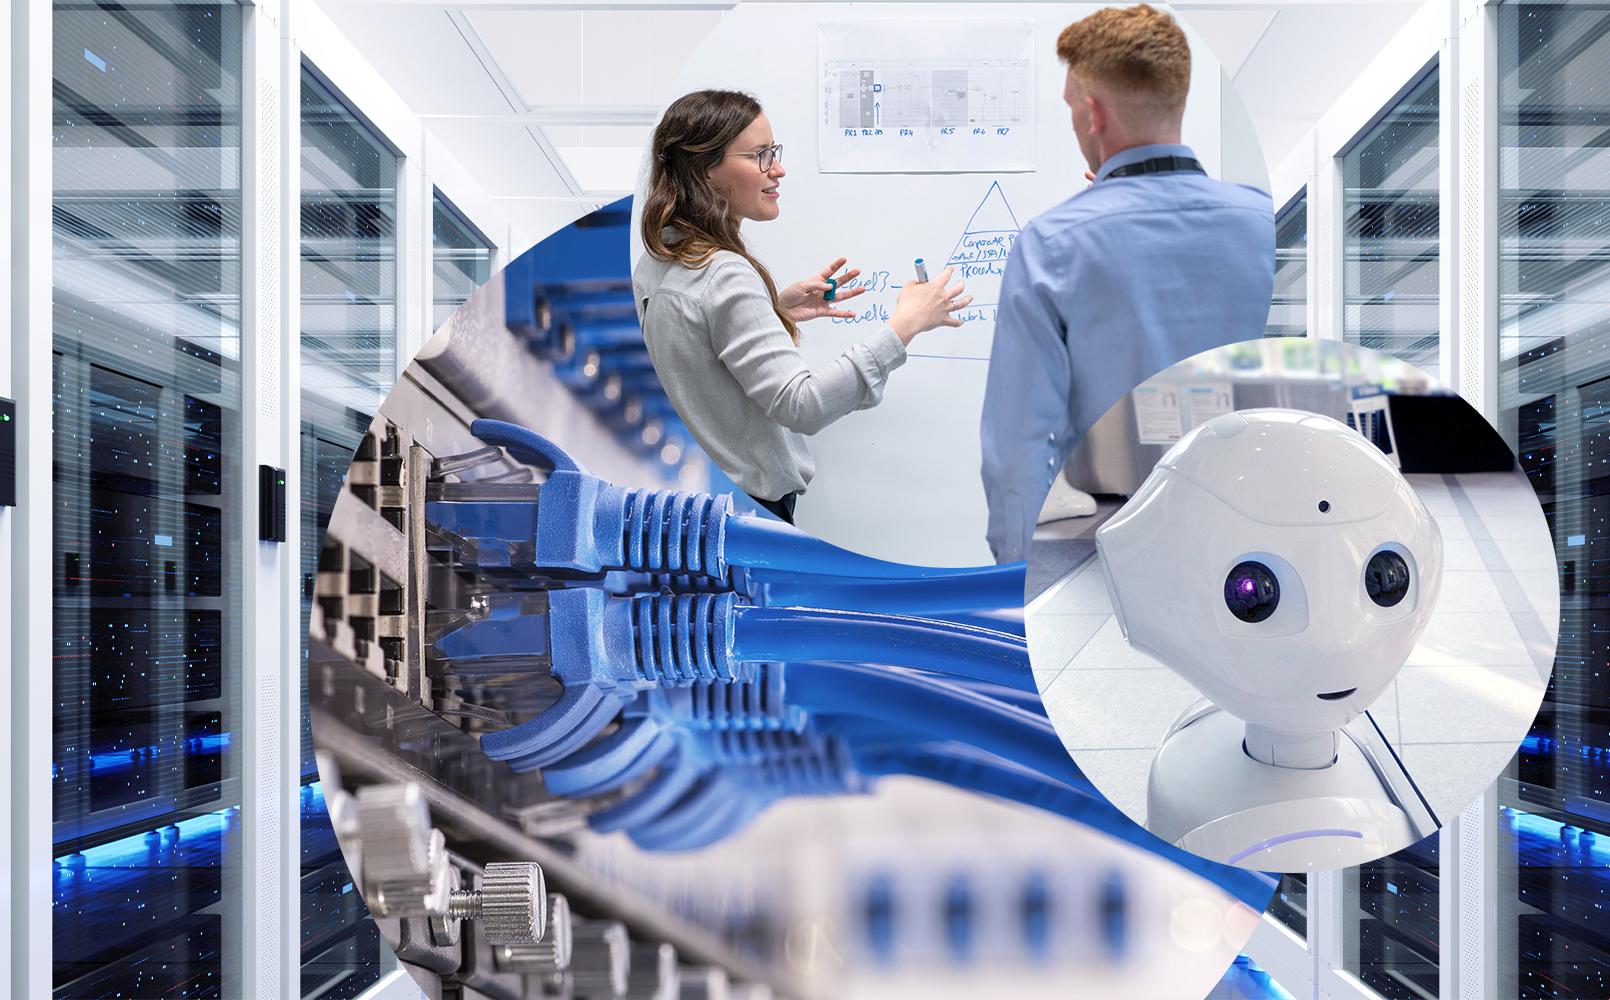 Die Abbildung zeigt unseren Data Science Dreiklang, bestehend aus eine Serverraum, einem Roboter und zwei Personen vor einem Flipchart.